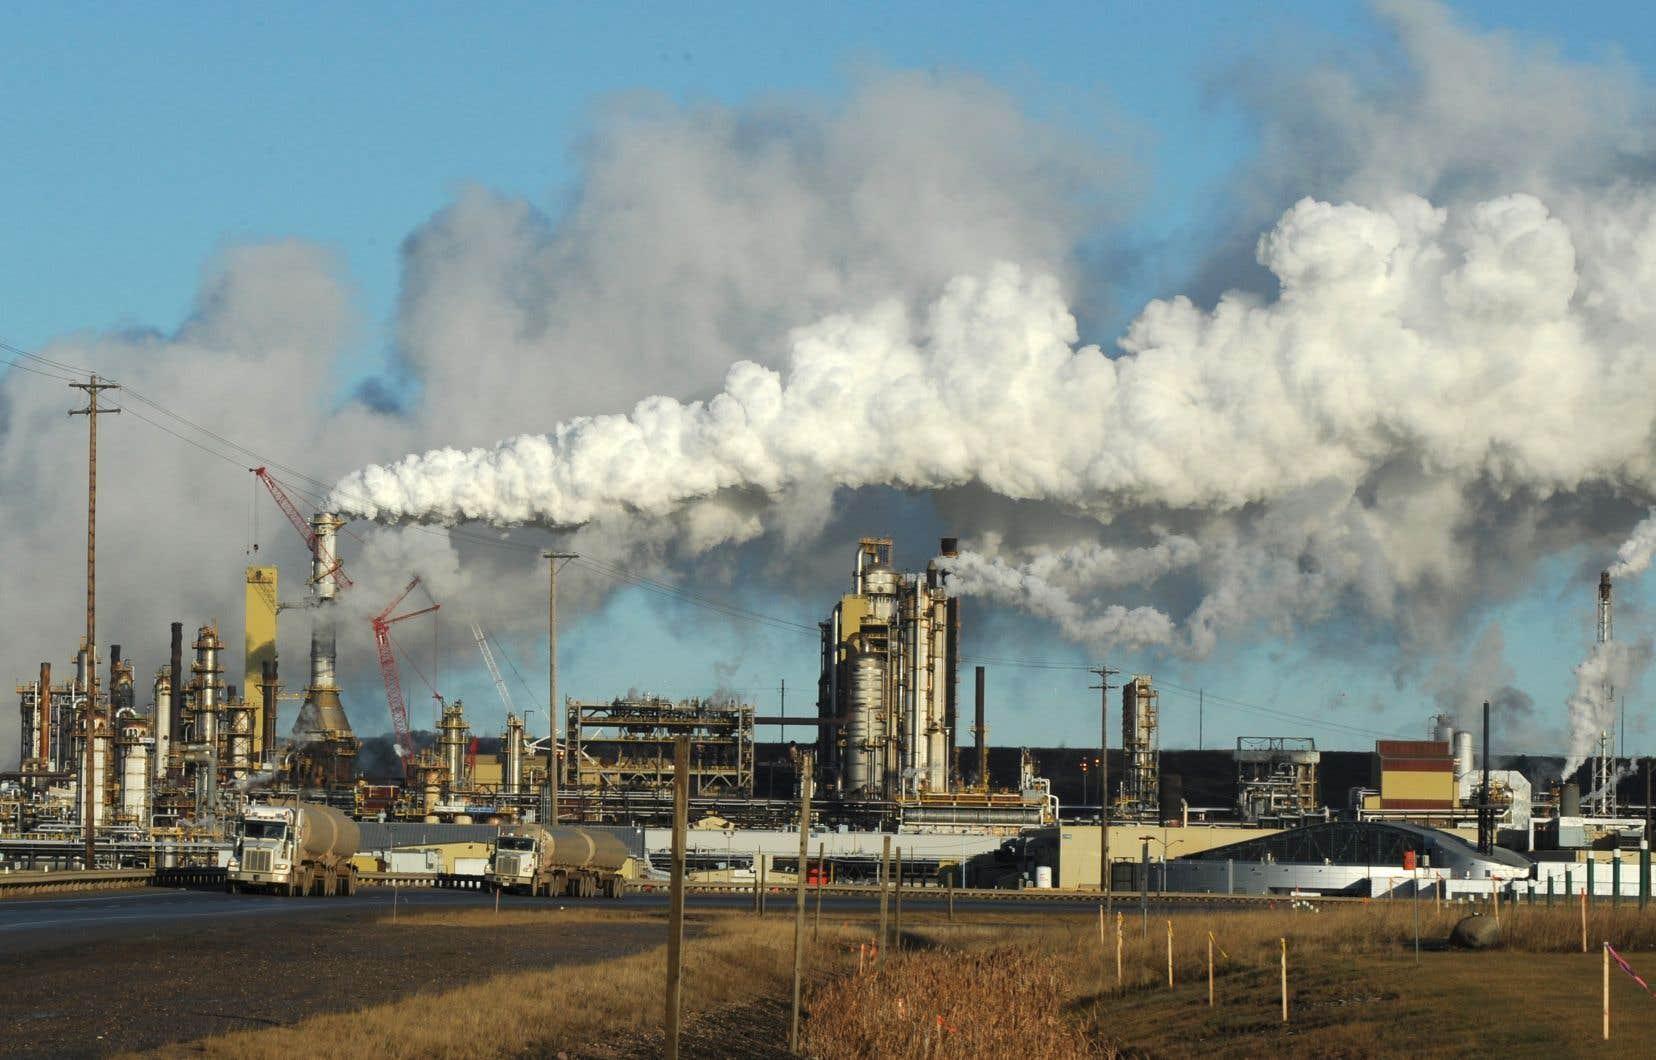 En 2017, les émissions de CO2 du Canada étaient de 15,6 tonnes per capita.